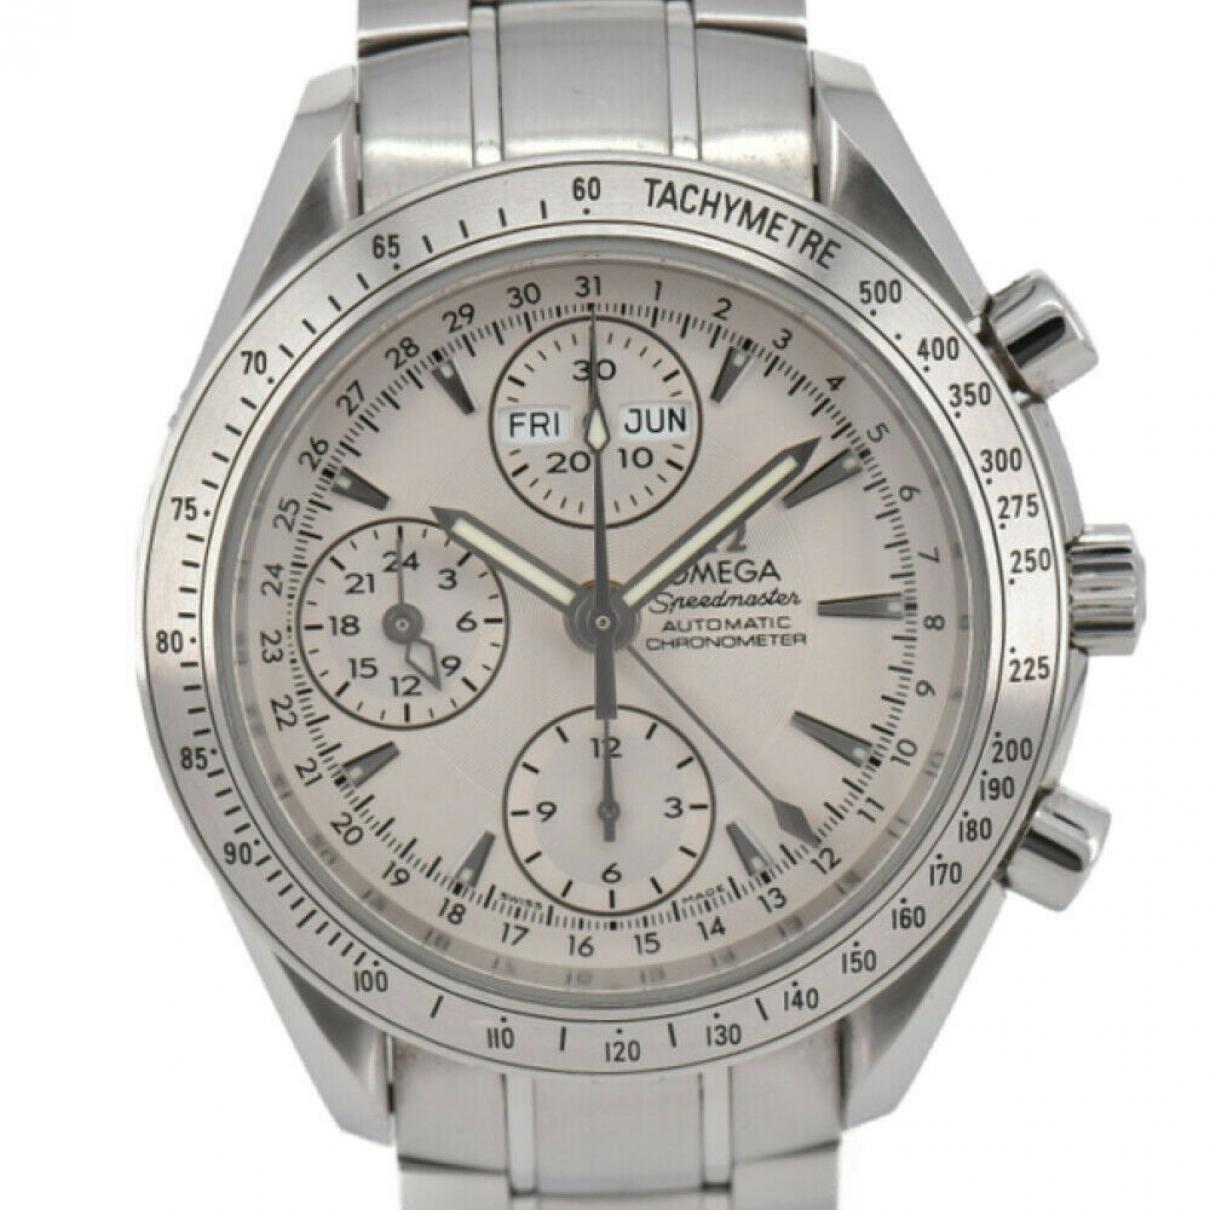 Omega Speedmaster Uhr in  Silber Stahl